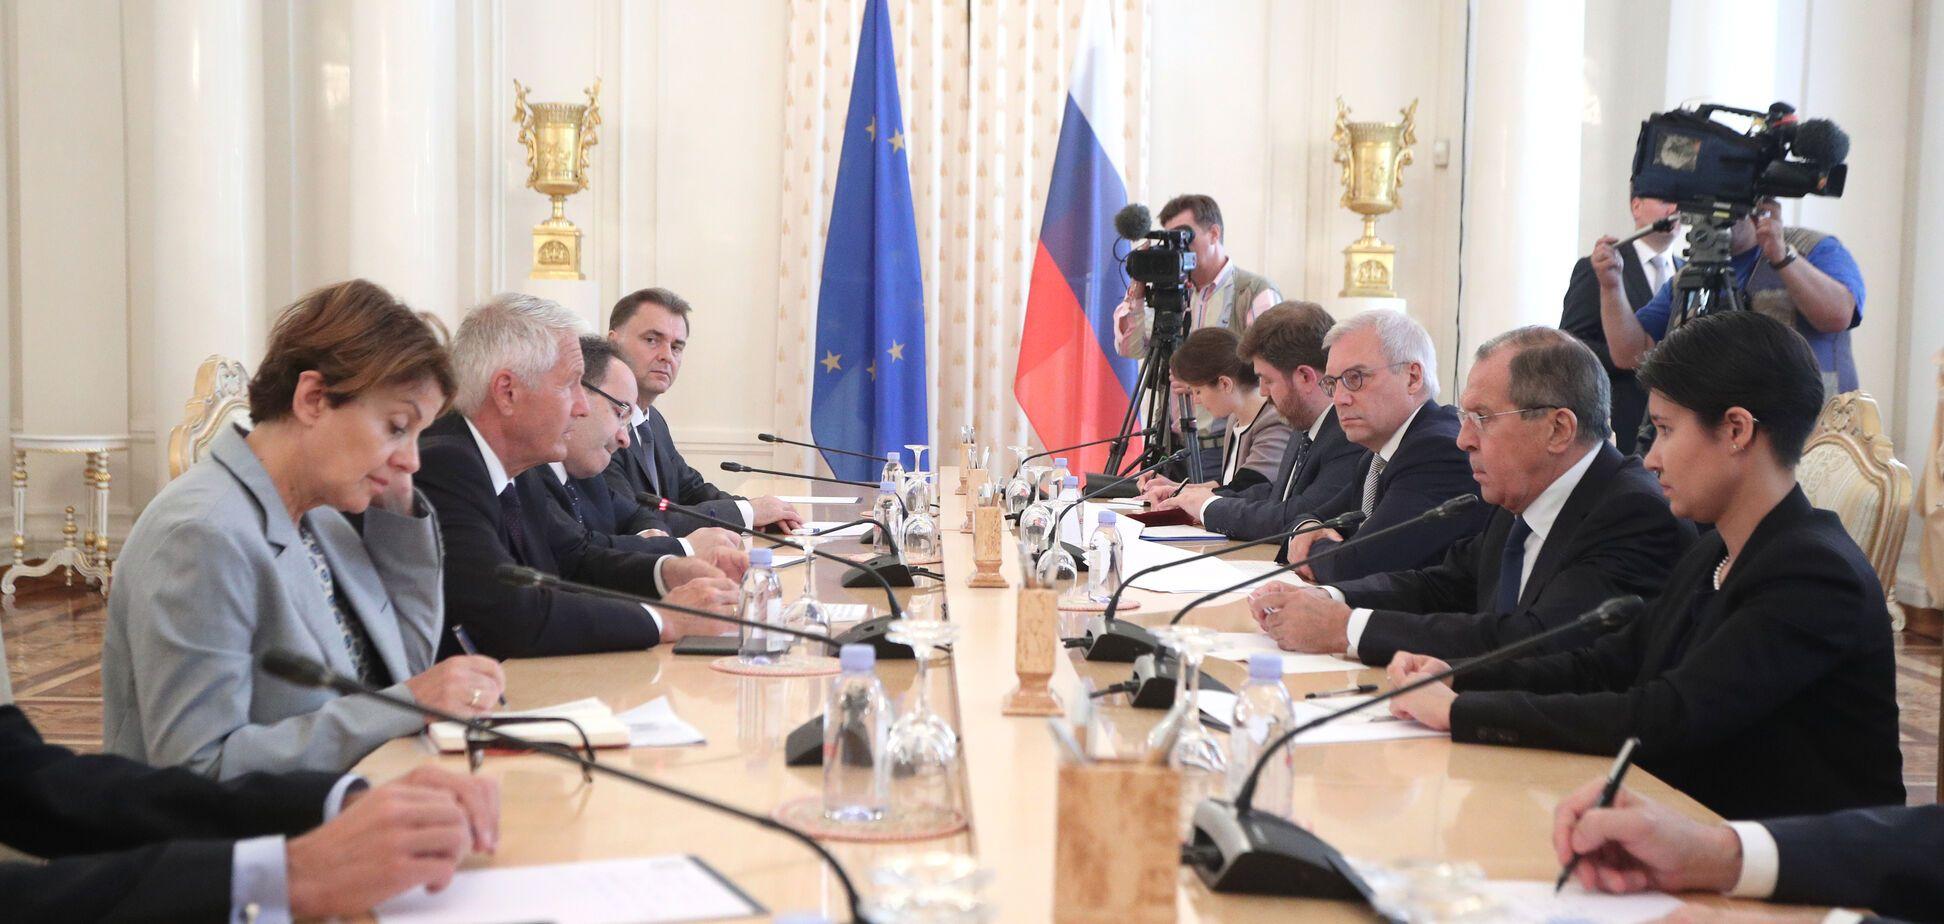 'НАТО, введи війська?' Лавров поскаржився Європі на утиски російськомовних в Україні